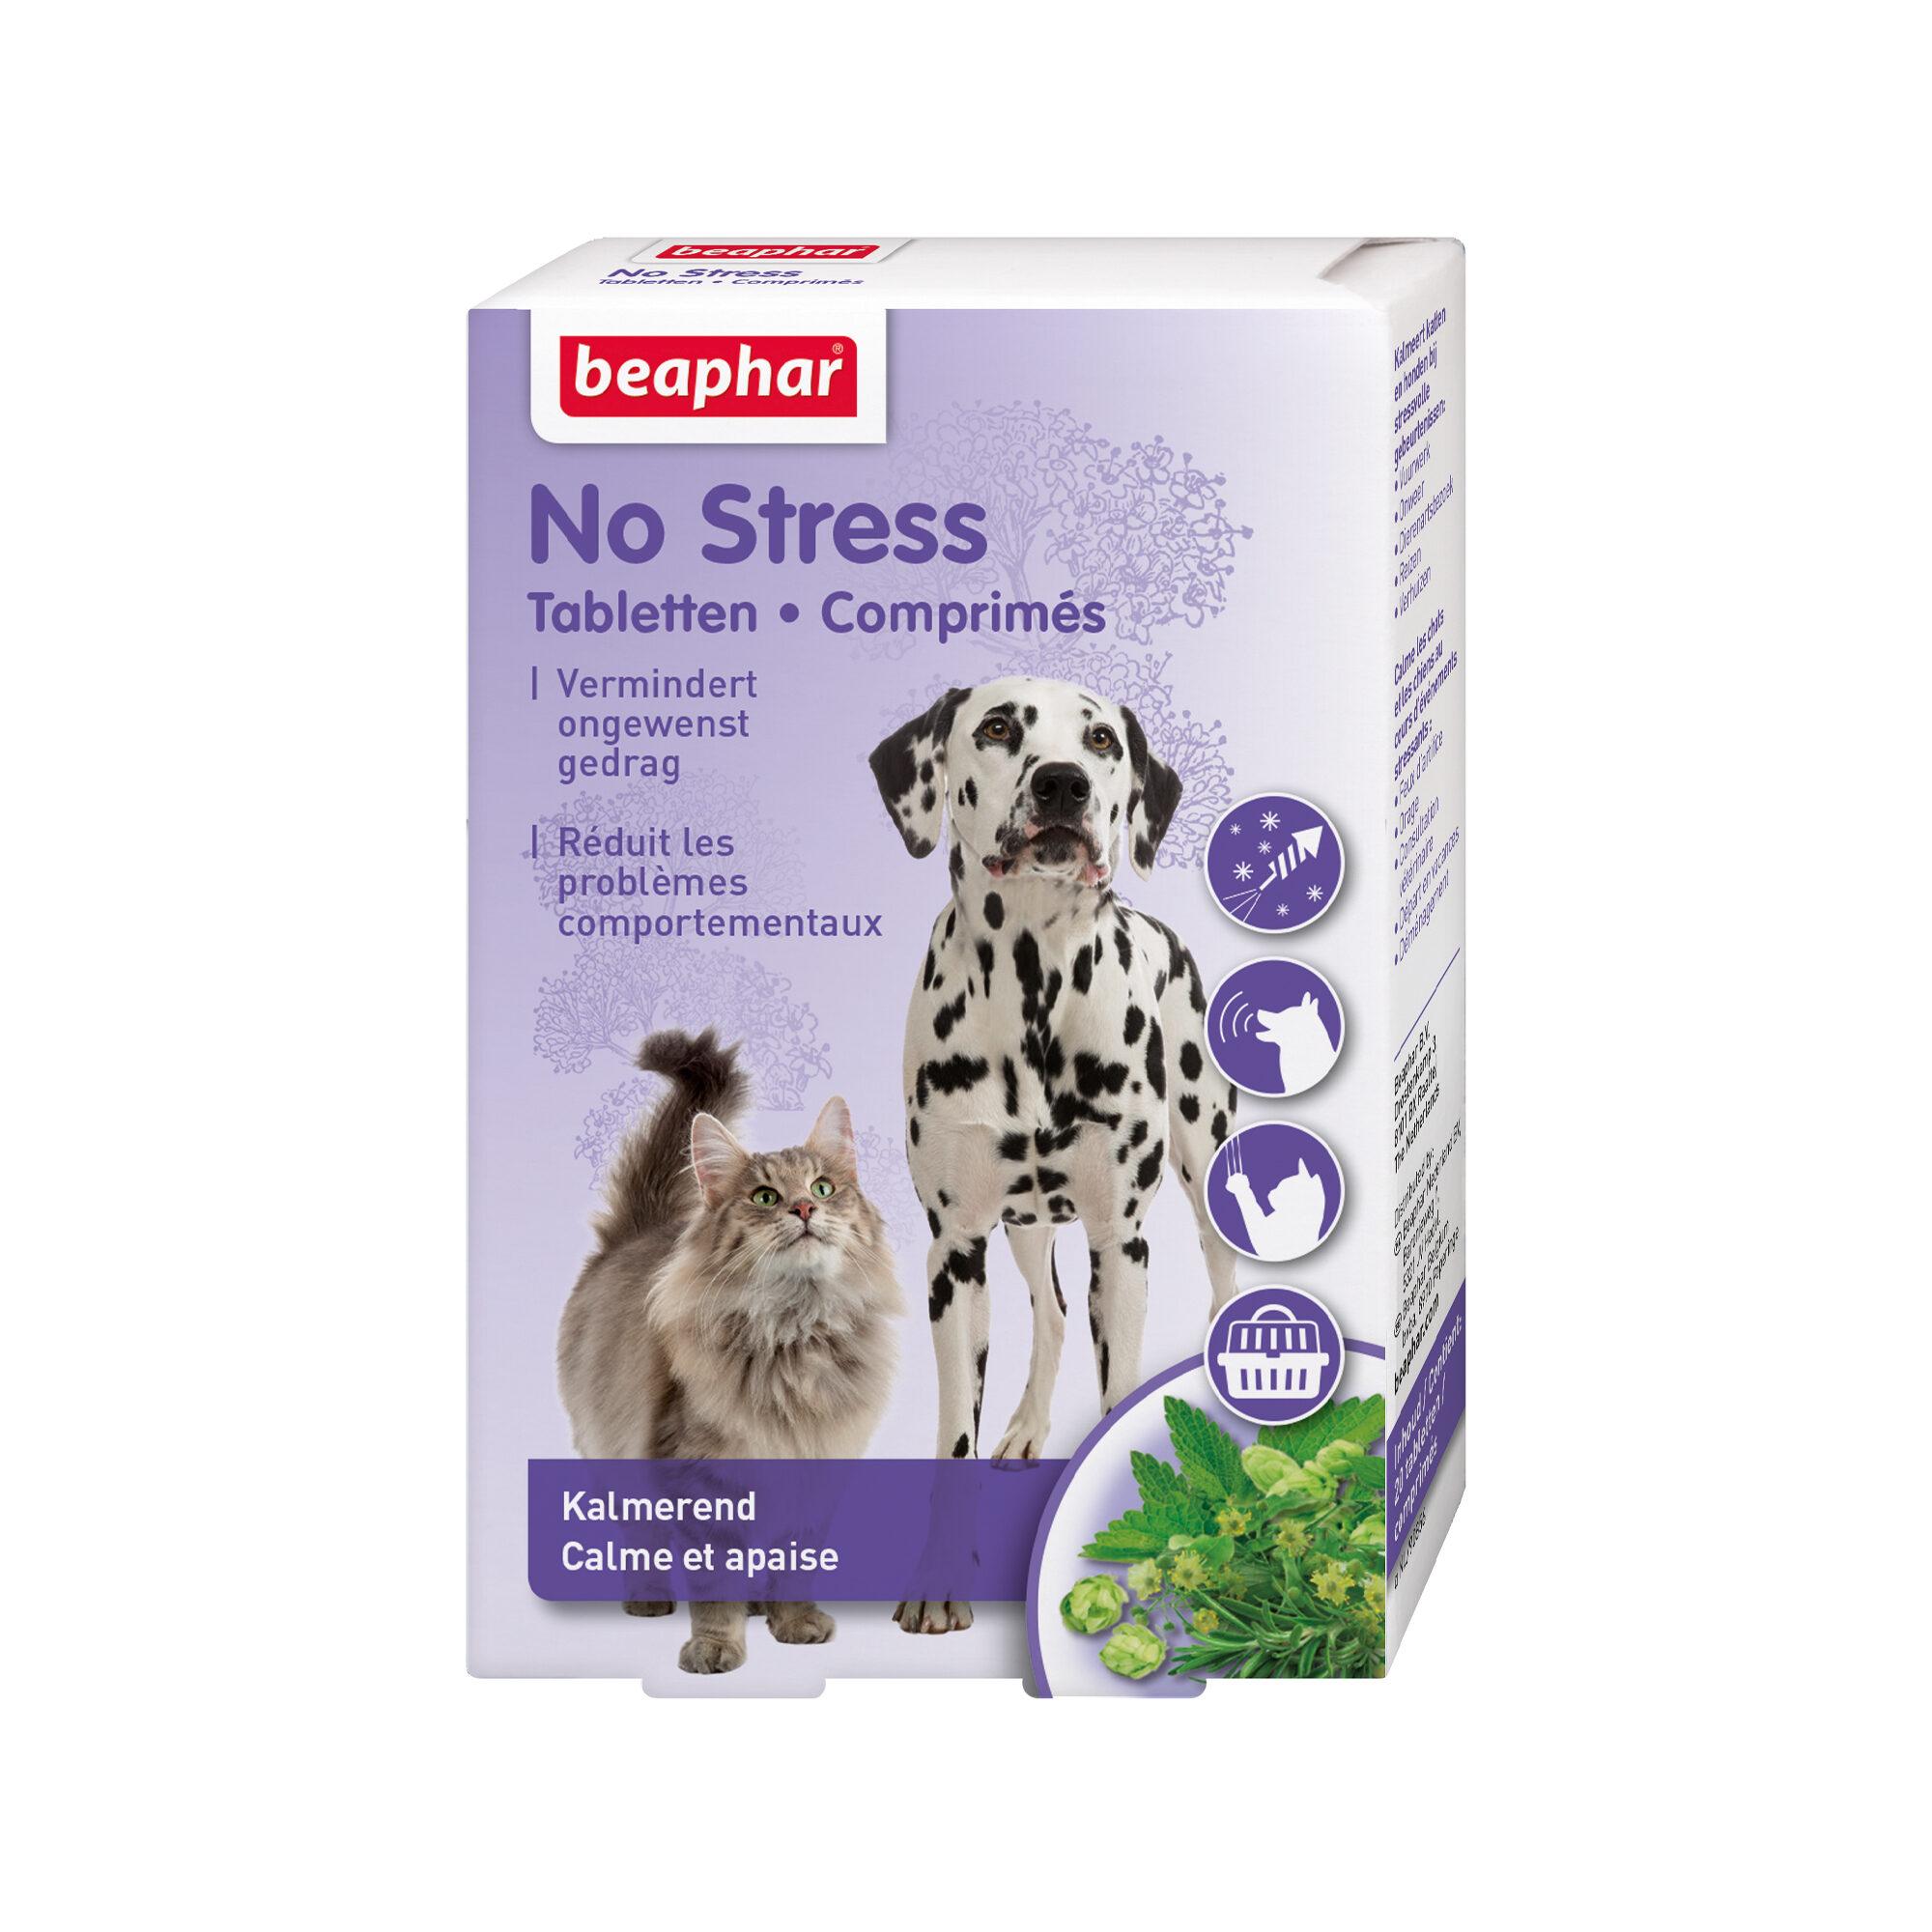 Beaphar No Stress Tabletten für Hund & Katze